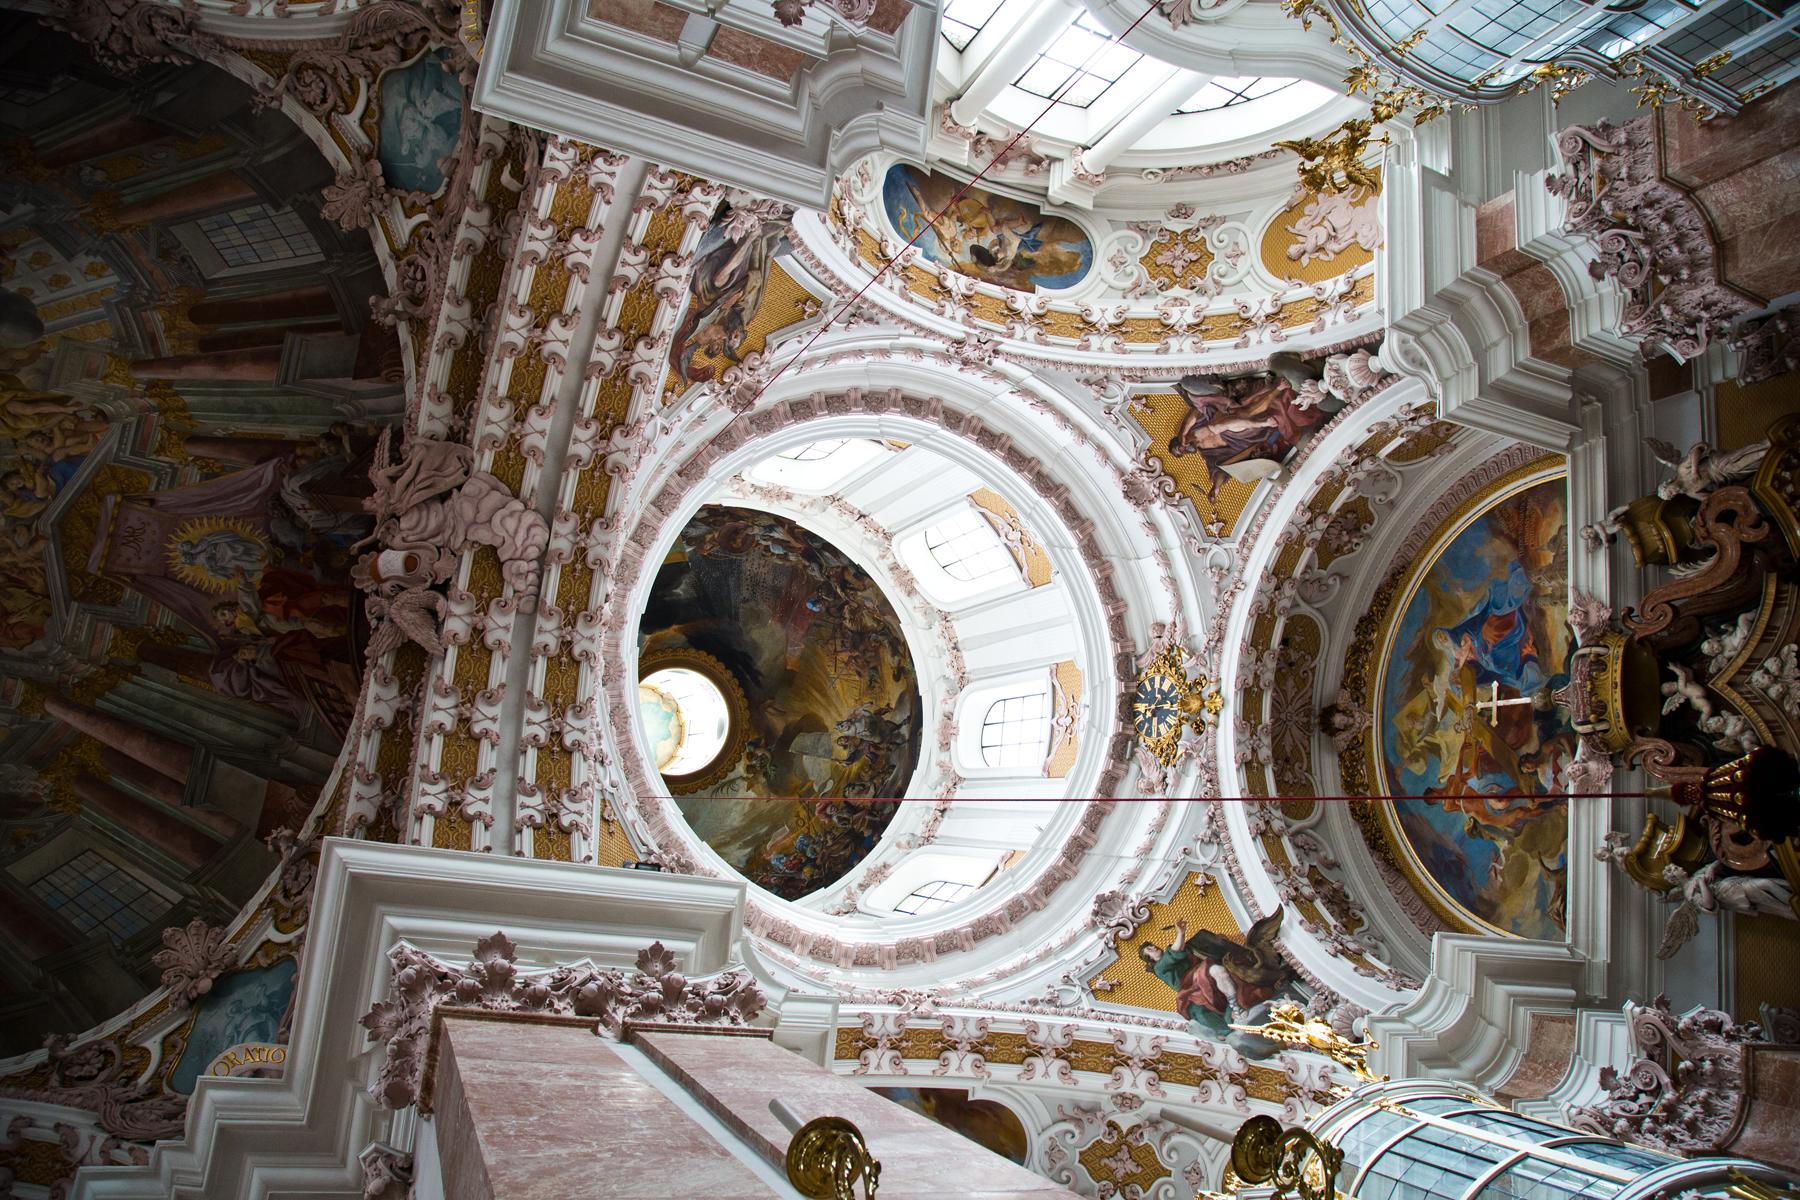 Kuppel - Dom St. Jakob, Innsbruck